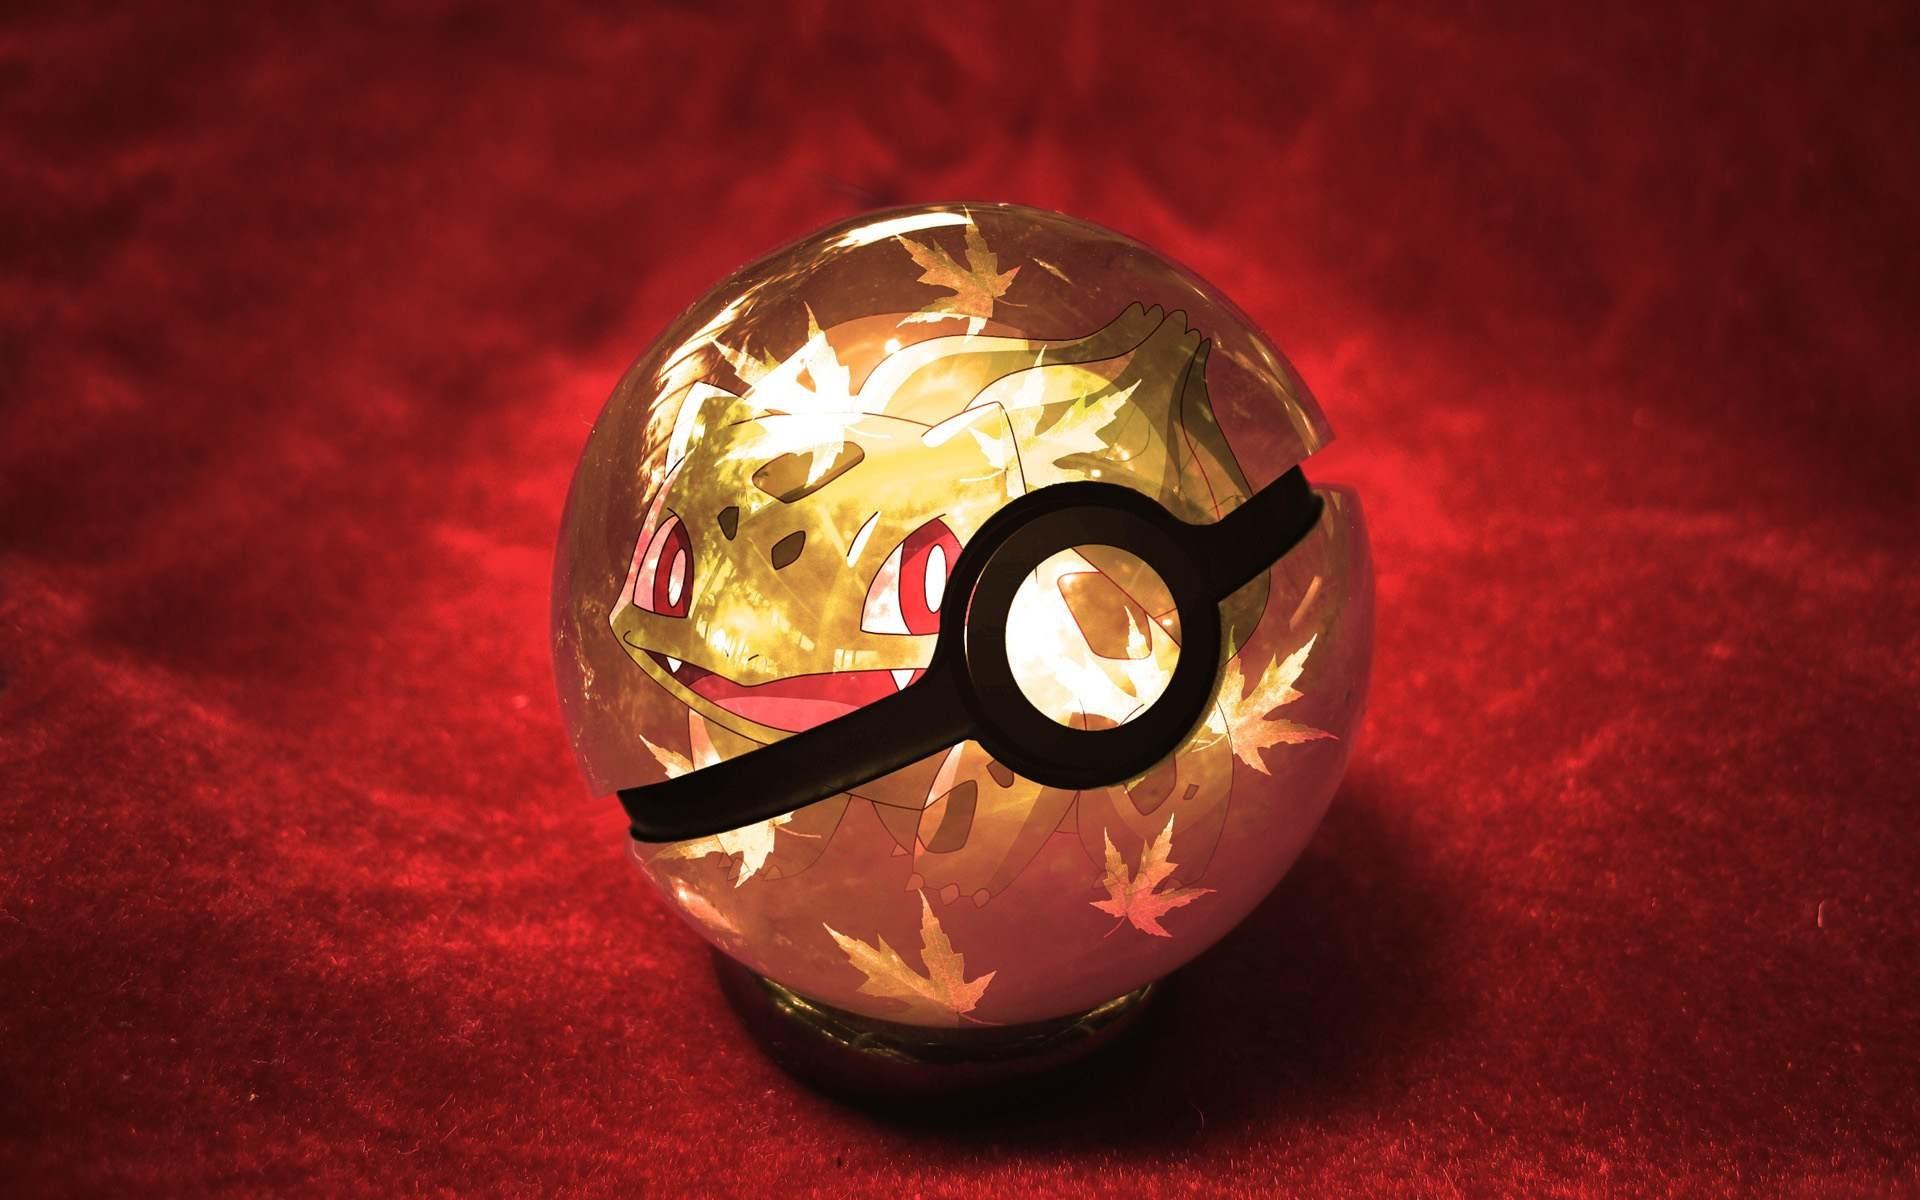 Pokemon 3D Wallpaper | Pokemon Ball Pokeball Wallpapers Hd ..